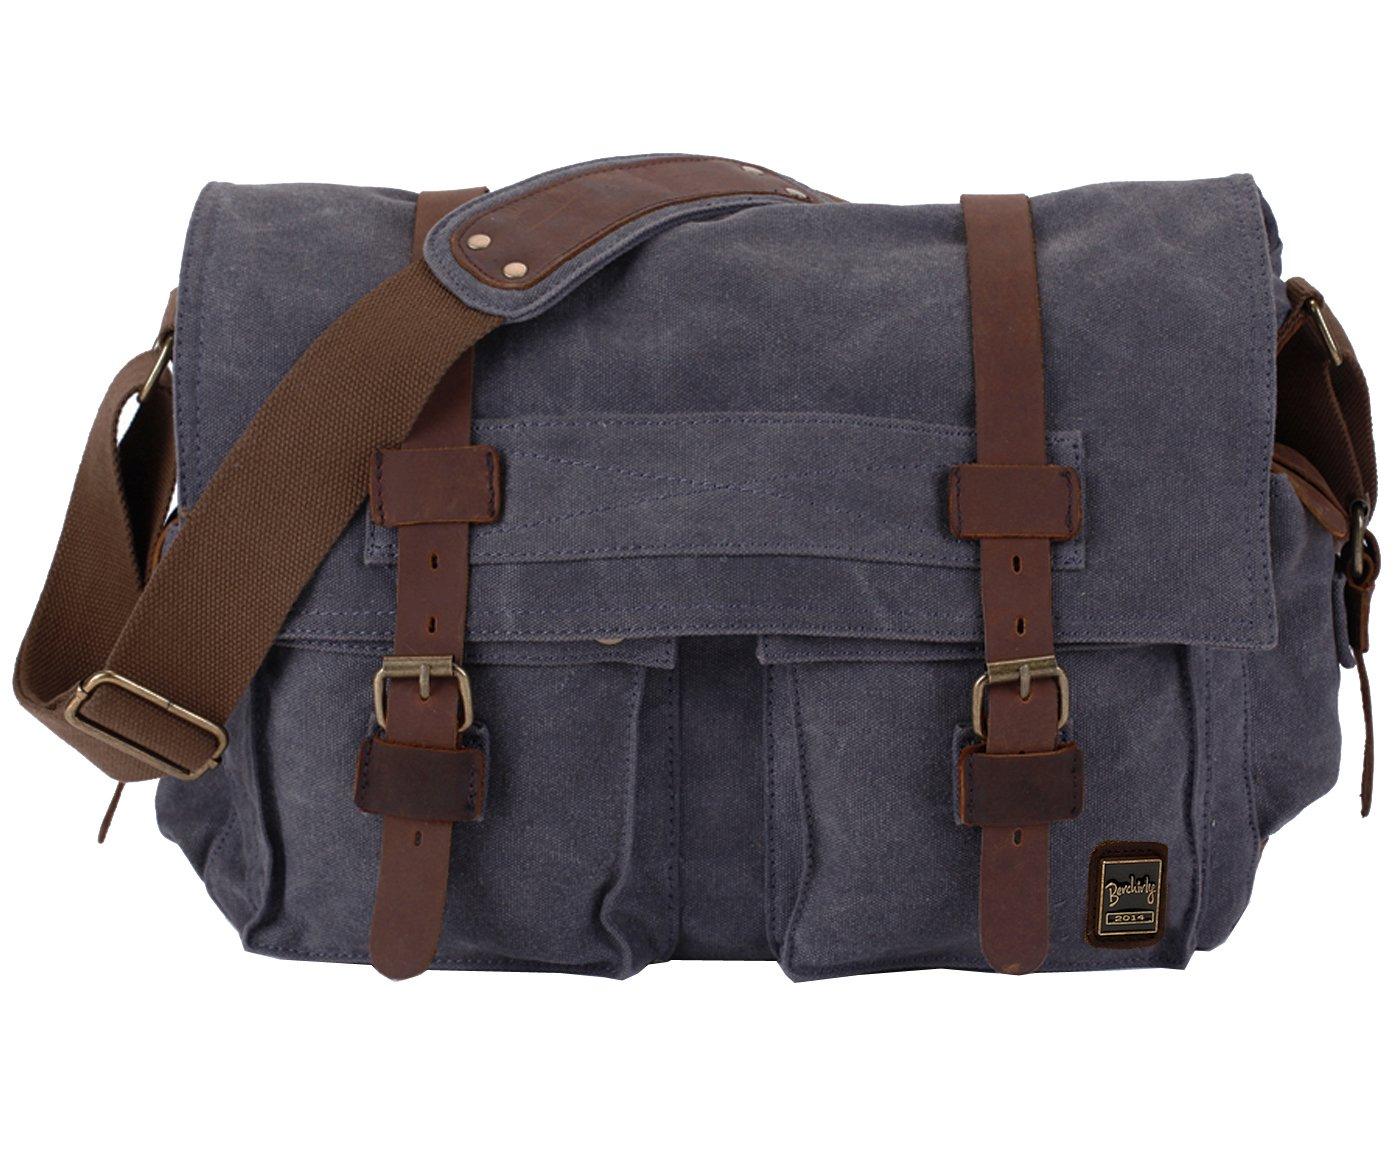 e9f8b1ce74 Borse Messenger : Shopping online per abbigliamento, scarpe ...